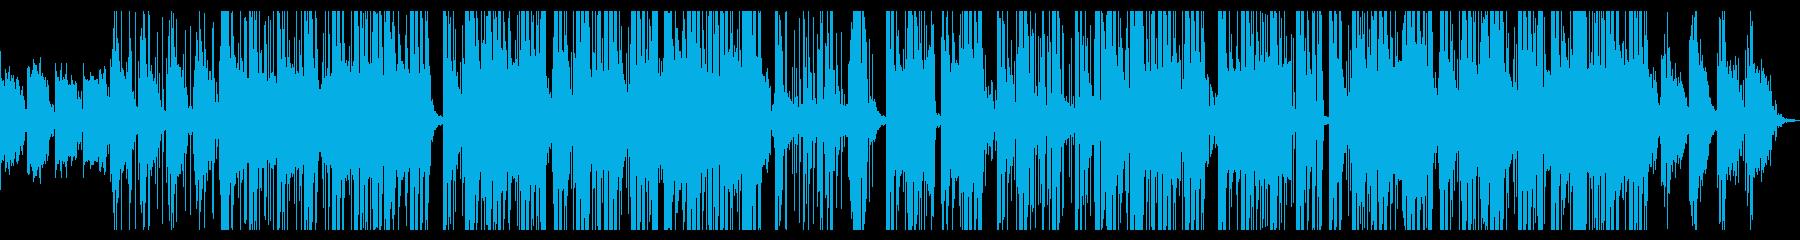 トロピカル ゆっくり 魅惑 電気ピ...の再生済みの波形